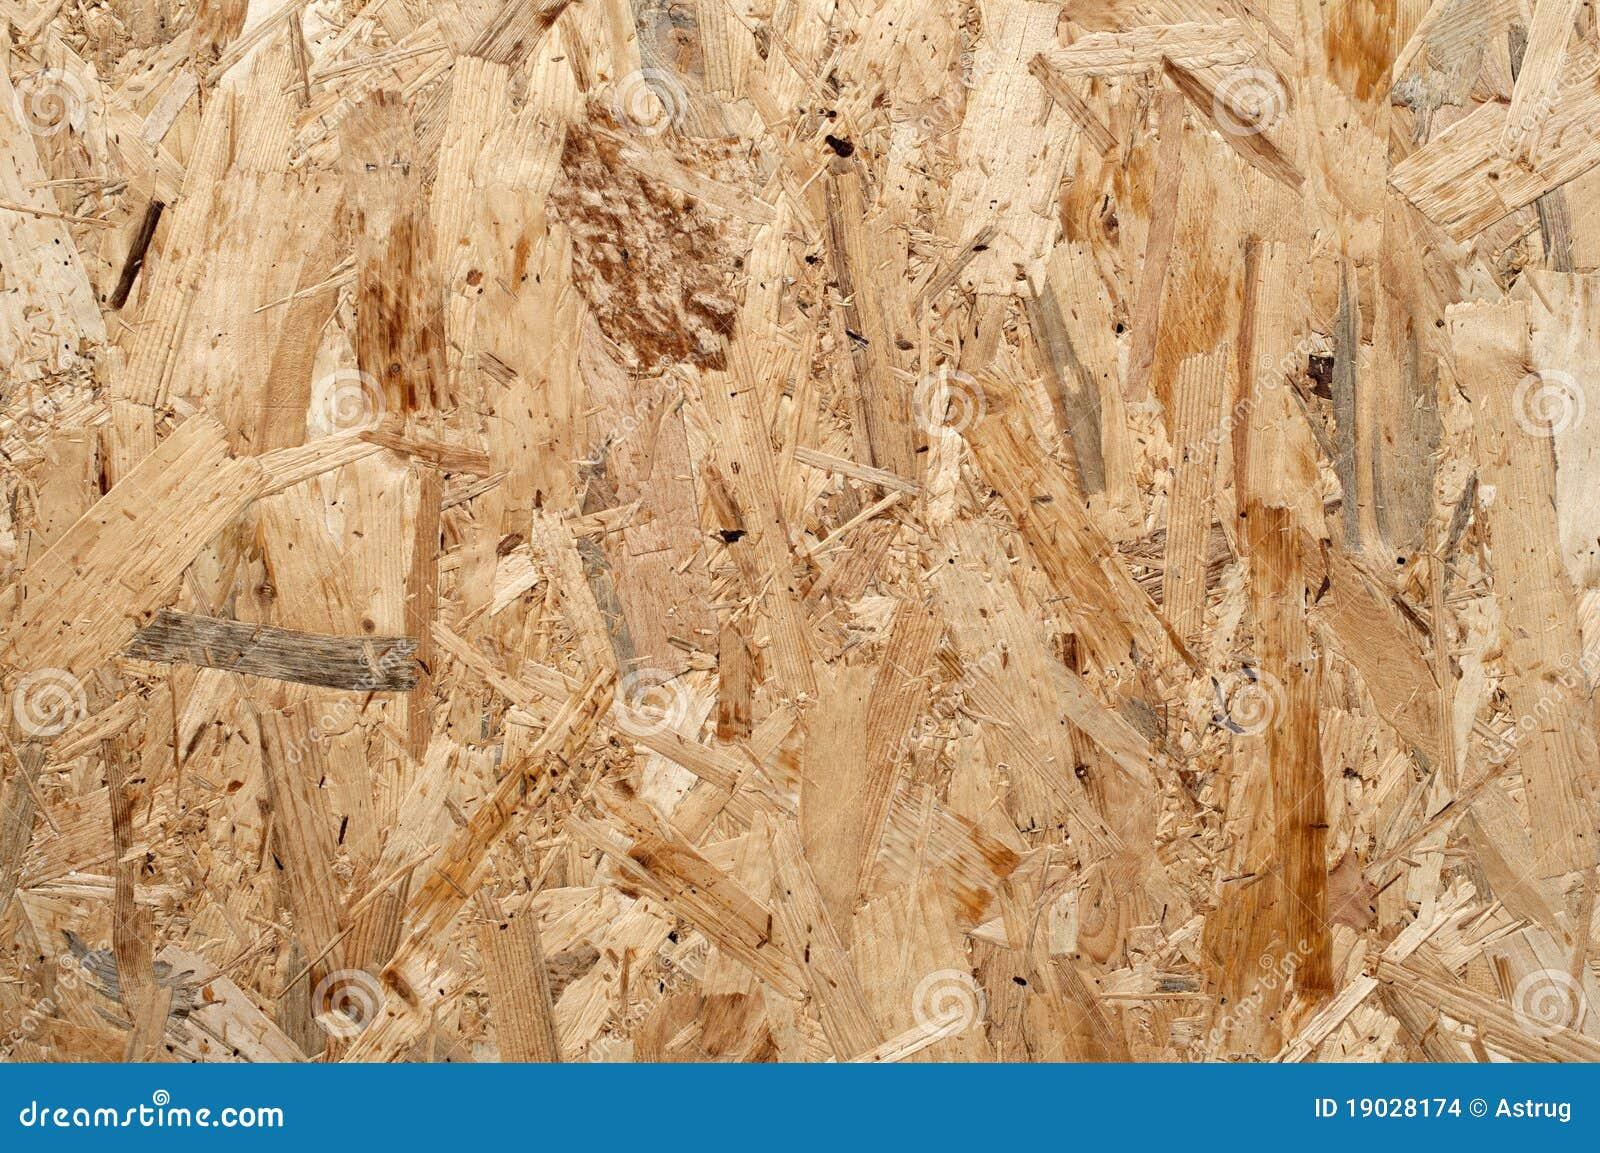 #84A922 Textura Da Madeira Compensada Imagens de Stock Imagem: 19028174 1300x953 px compensado de madeira preço @ bernauer.info Móveis Antigos Novos E Usados Online